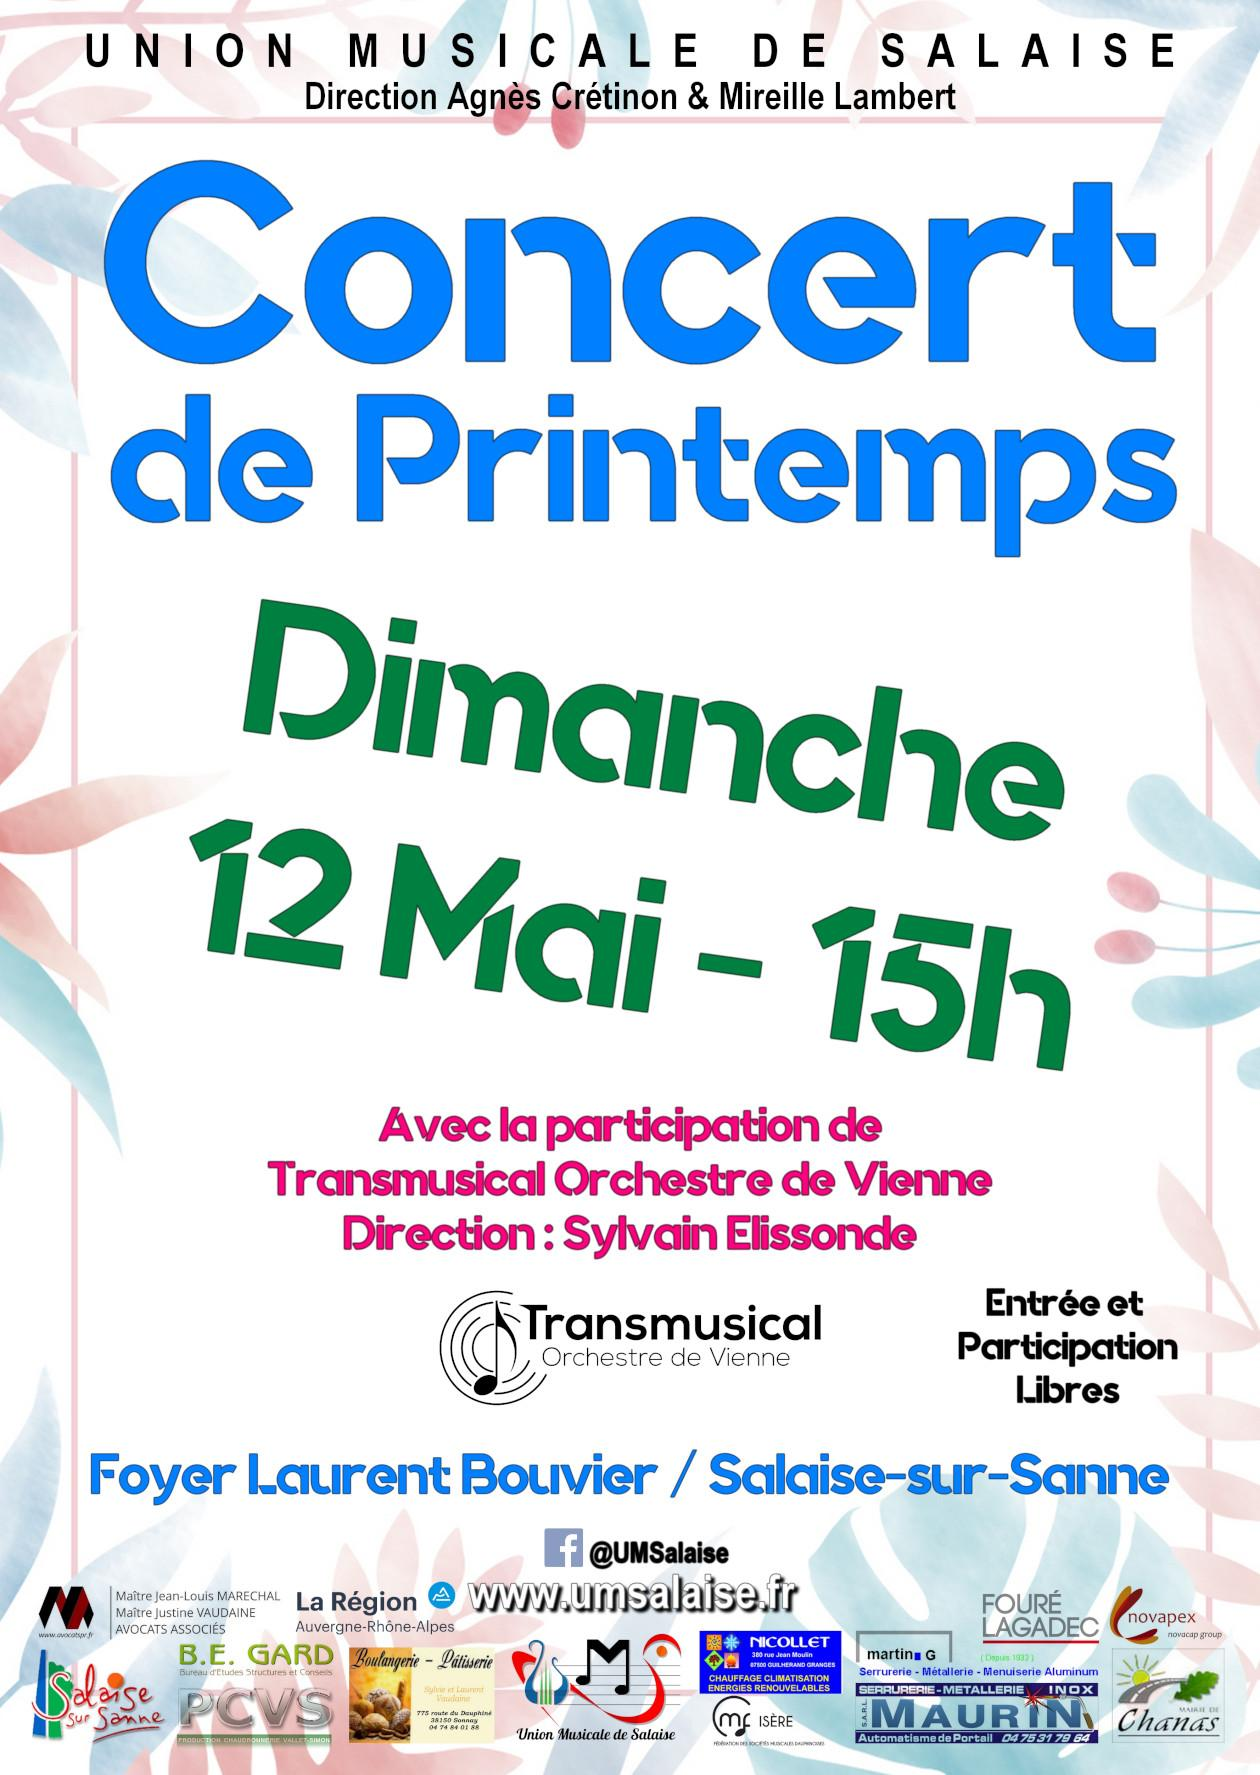 Concert Union Musicale Salaise 120519